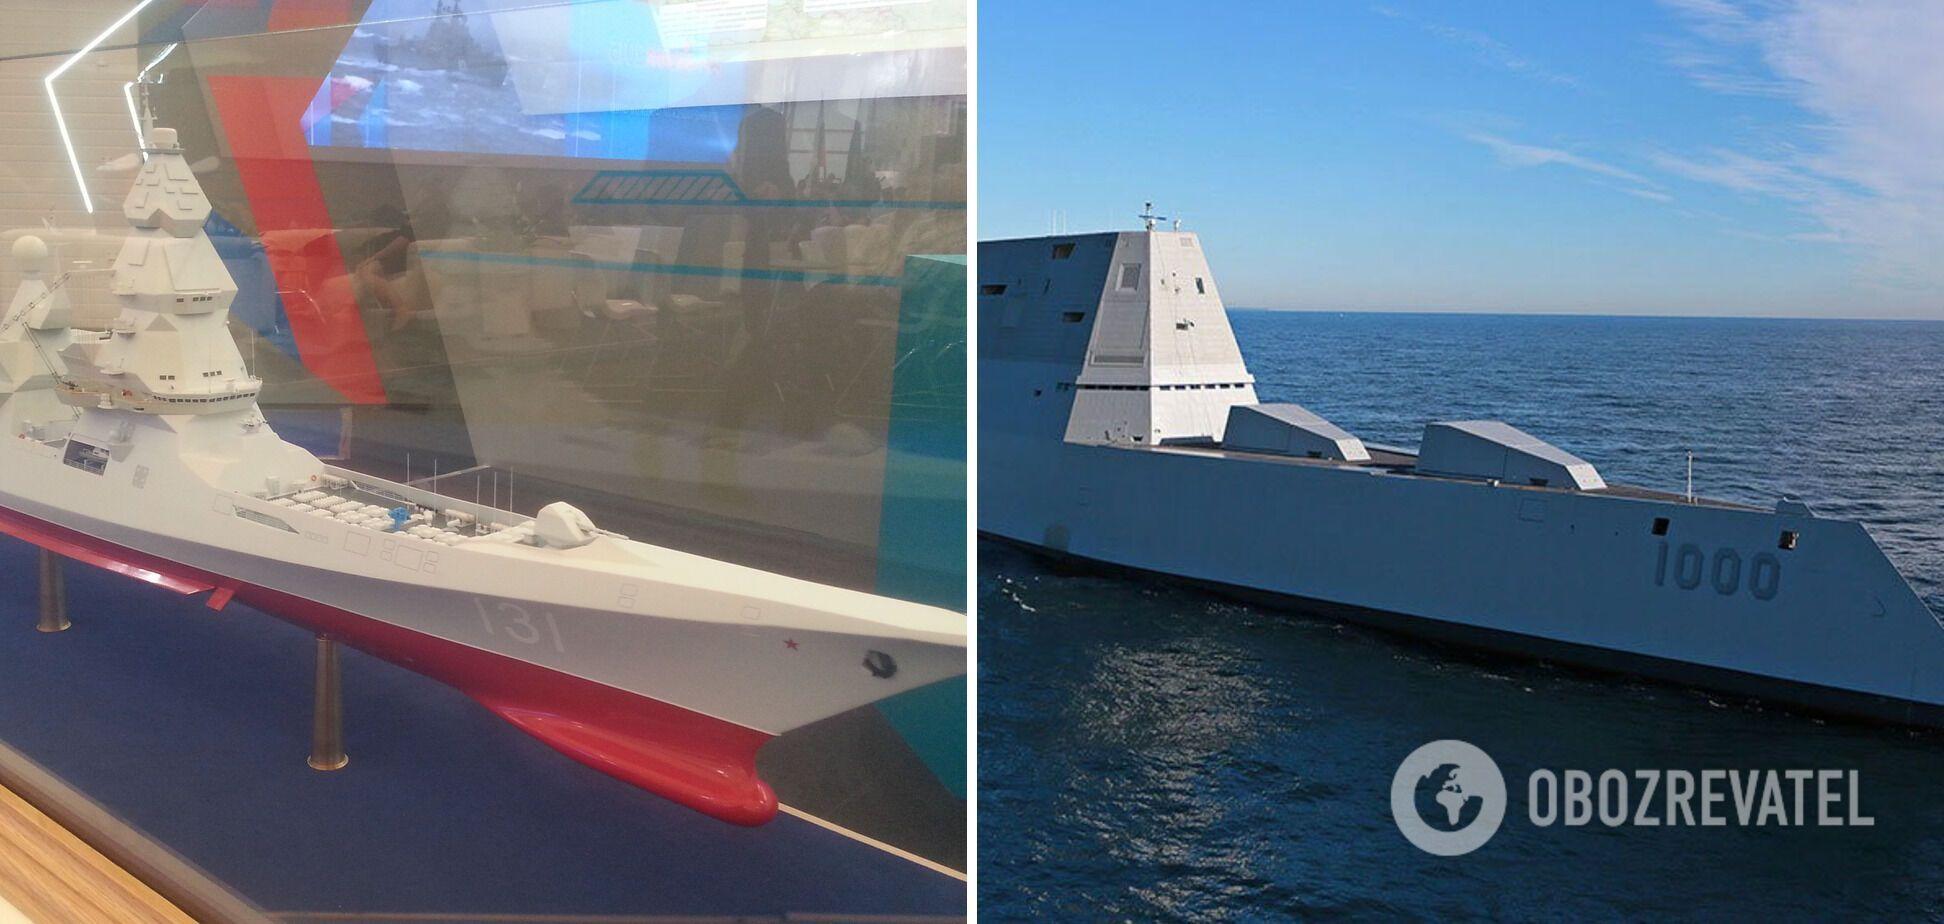 Россия не способна построить распиаренный эсминец 'Лидер': блогер назвал 5 причин